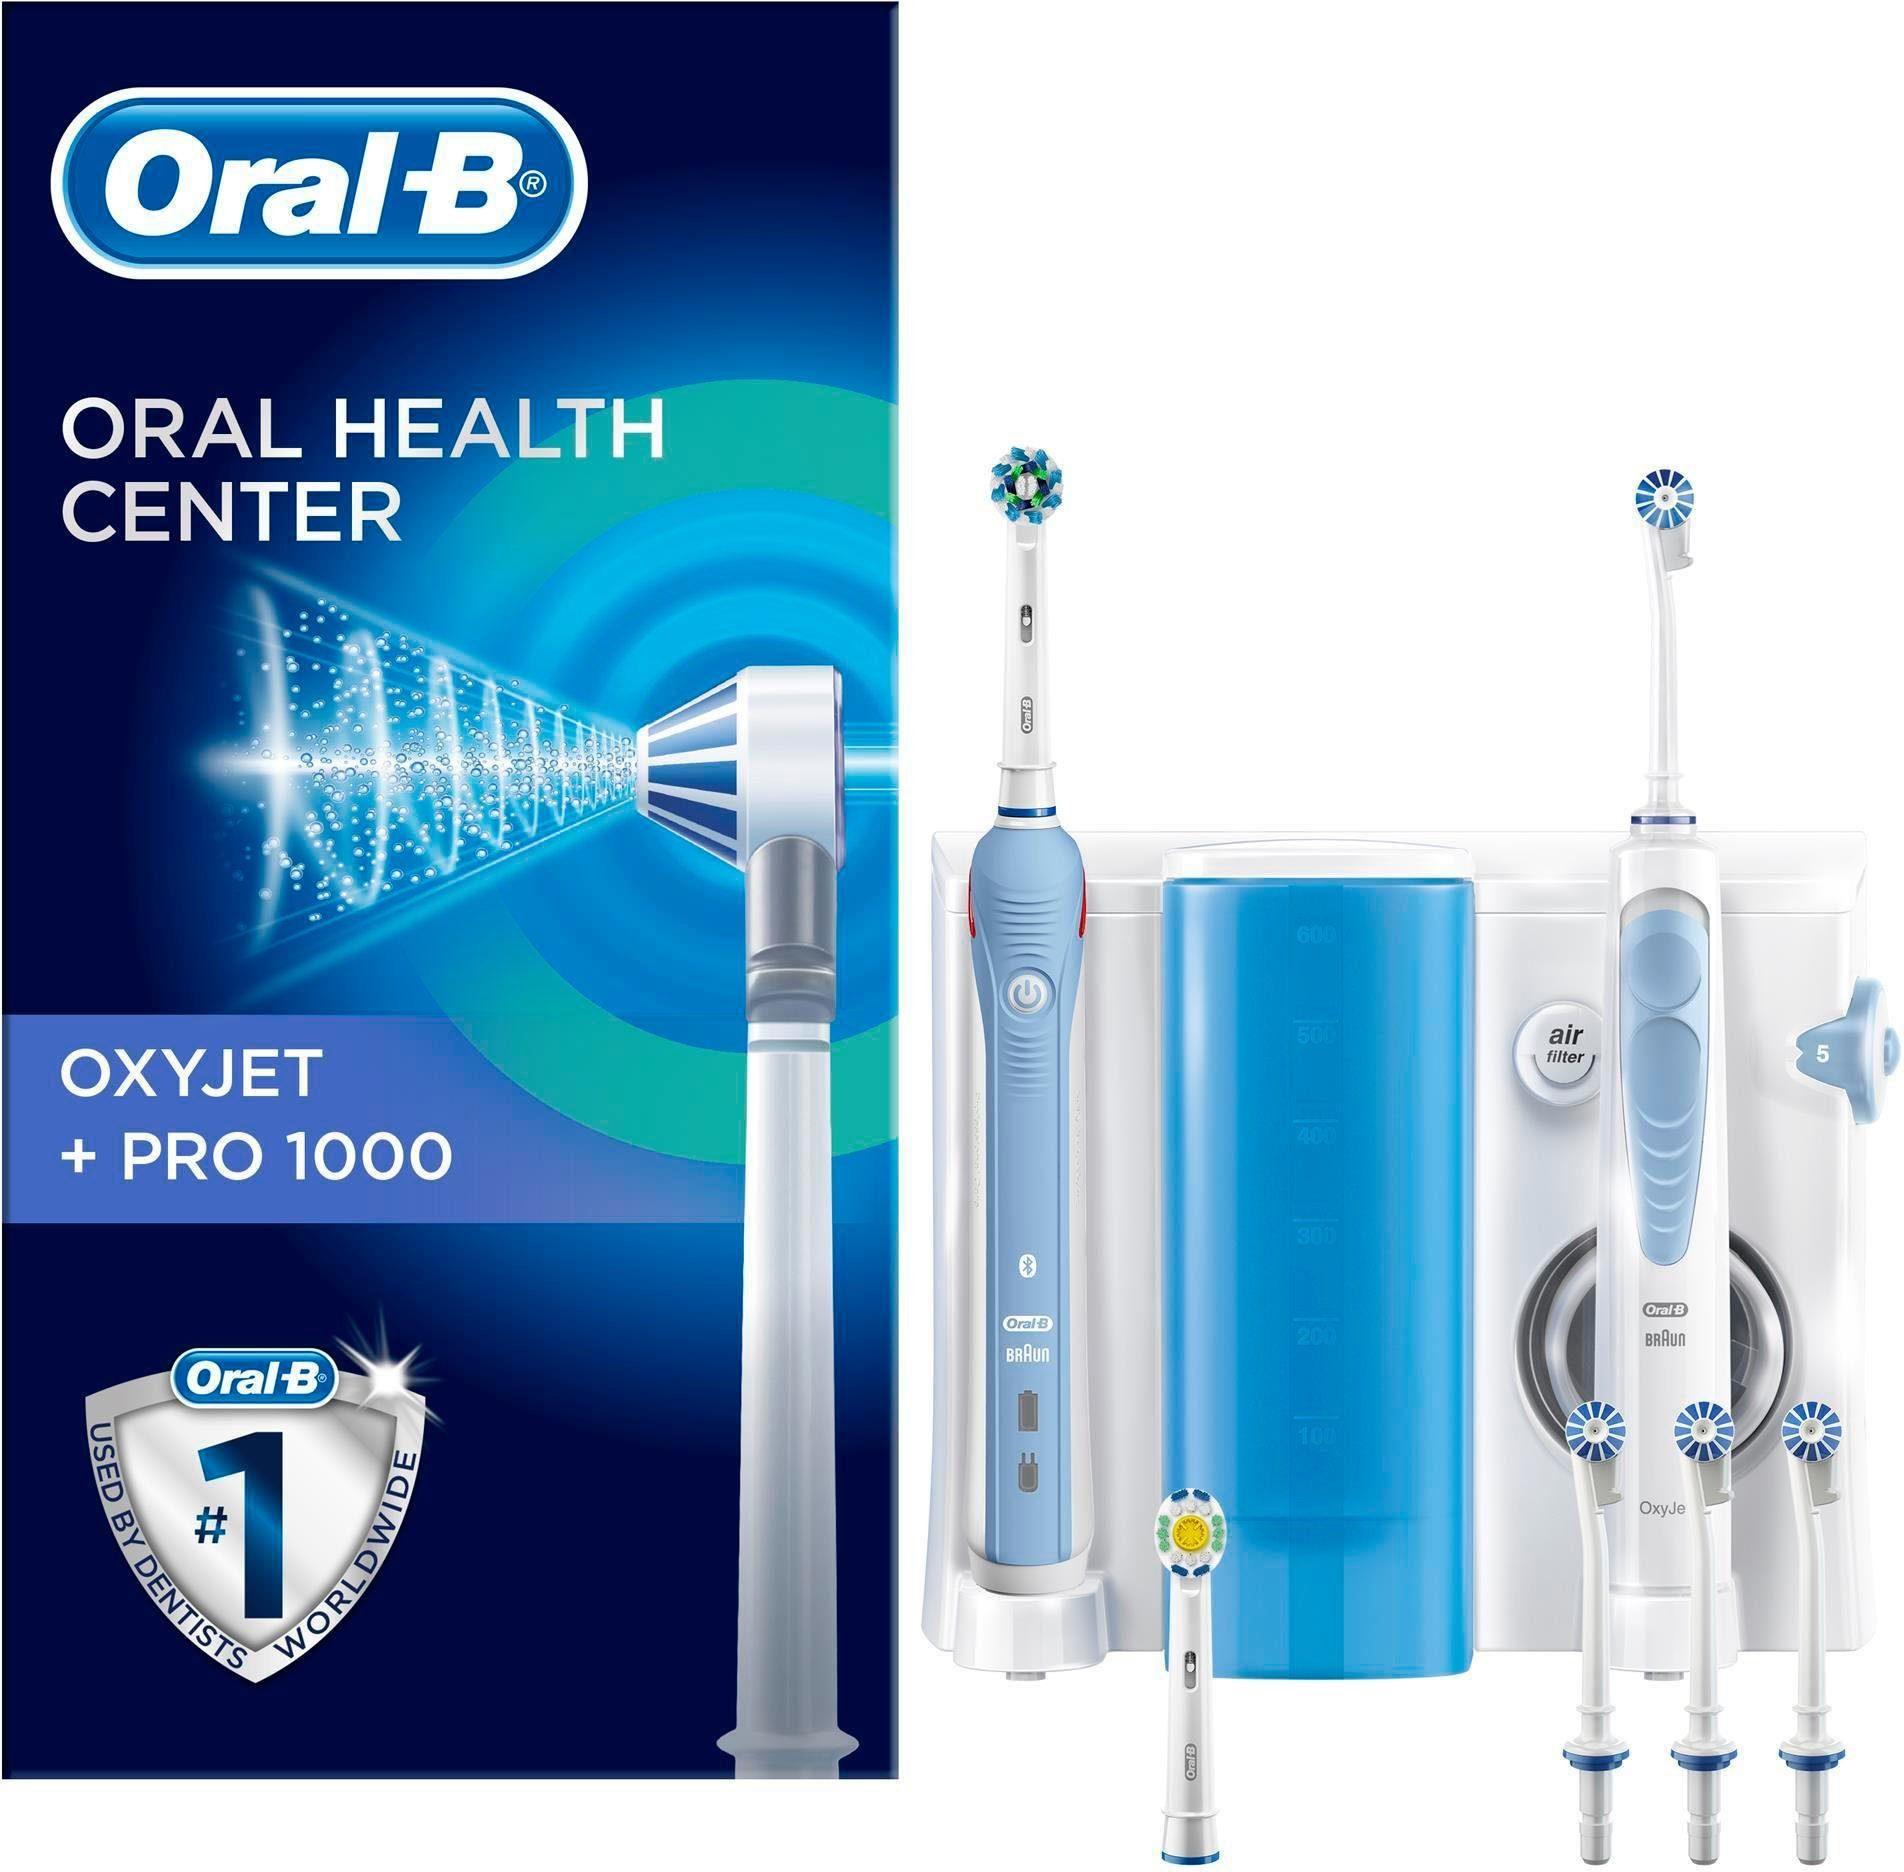 Oral-B Zahnpflegesystem OxyJet Reinigungssystem Munddusche + Oral-B PRO 1000